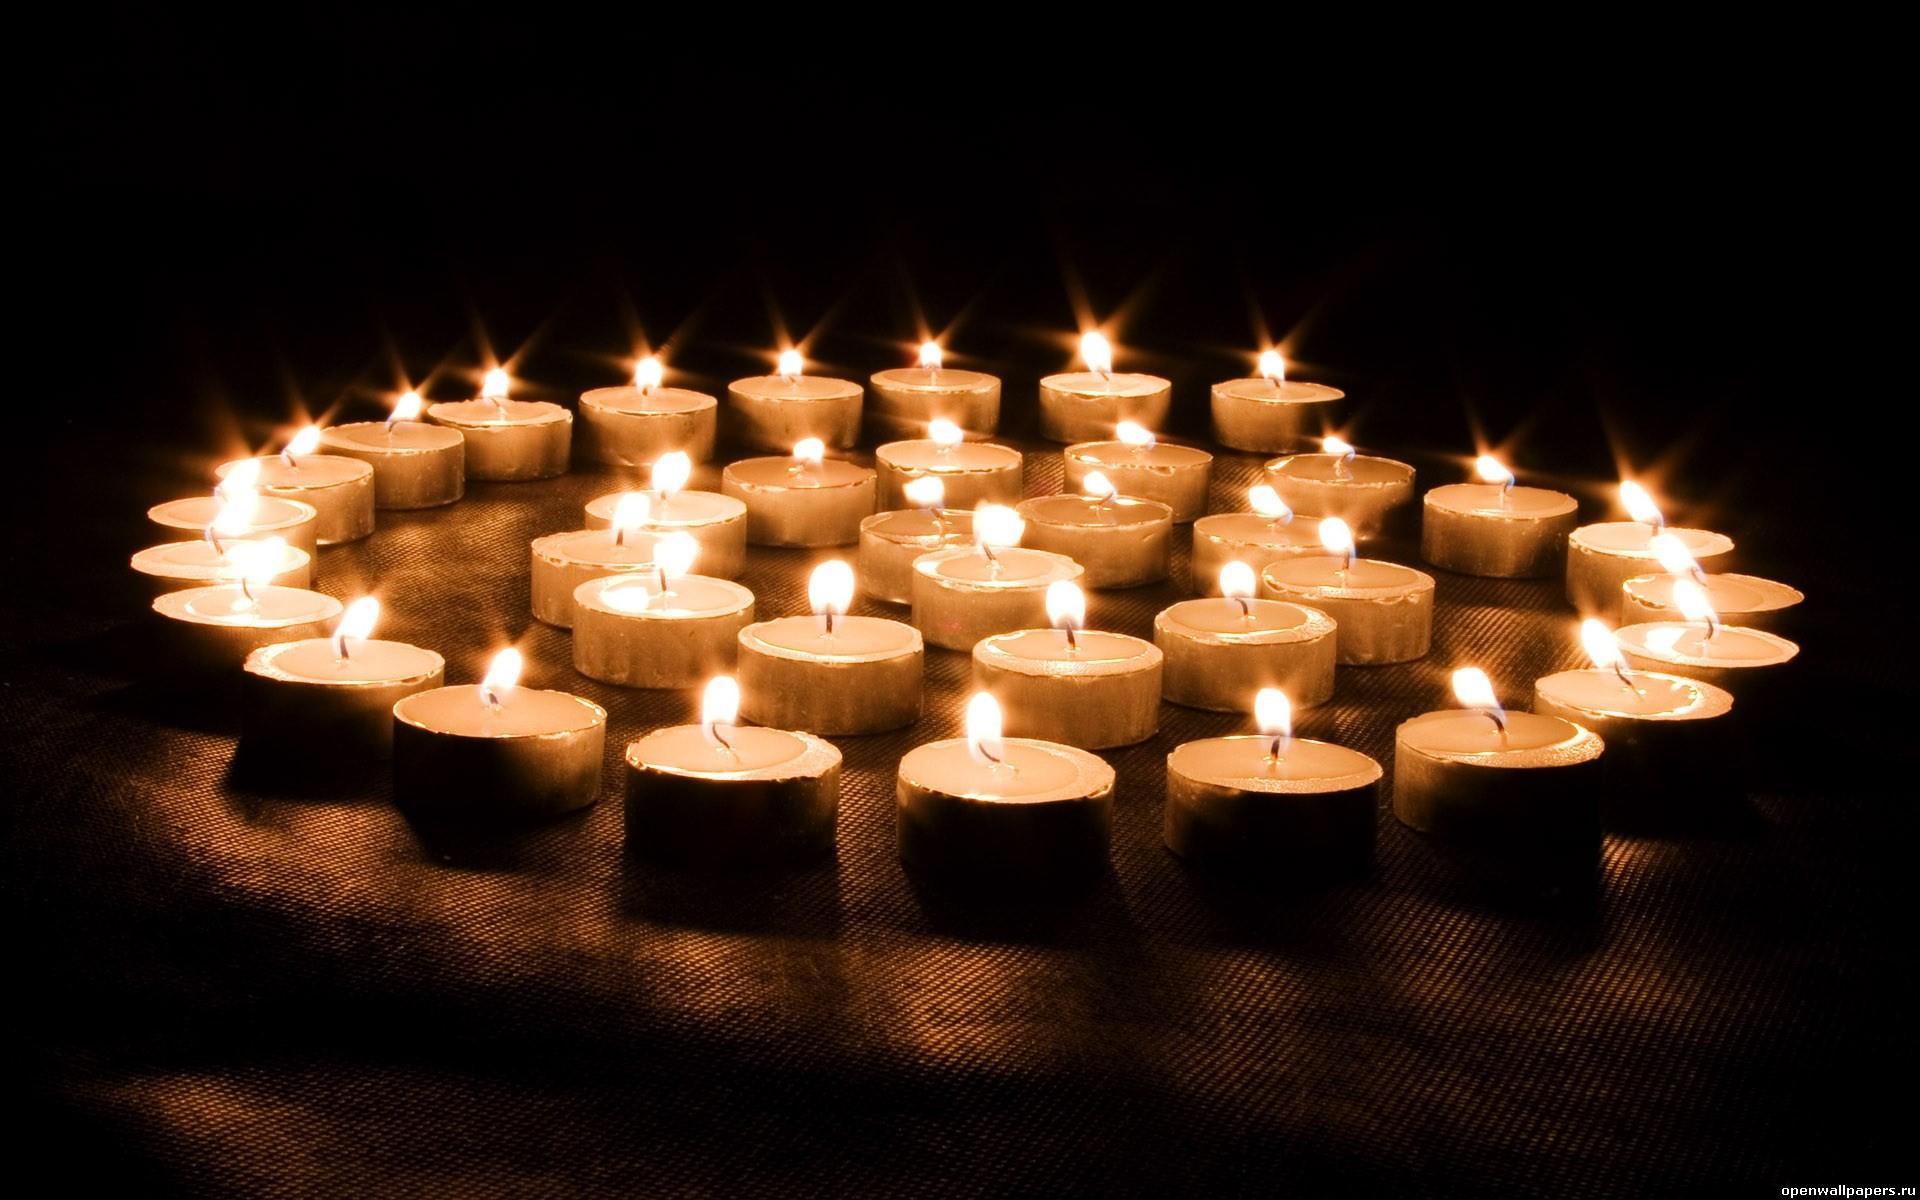 Картинки свечей на полу